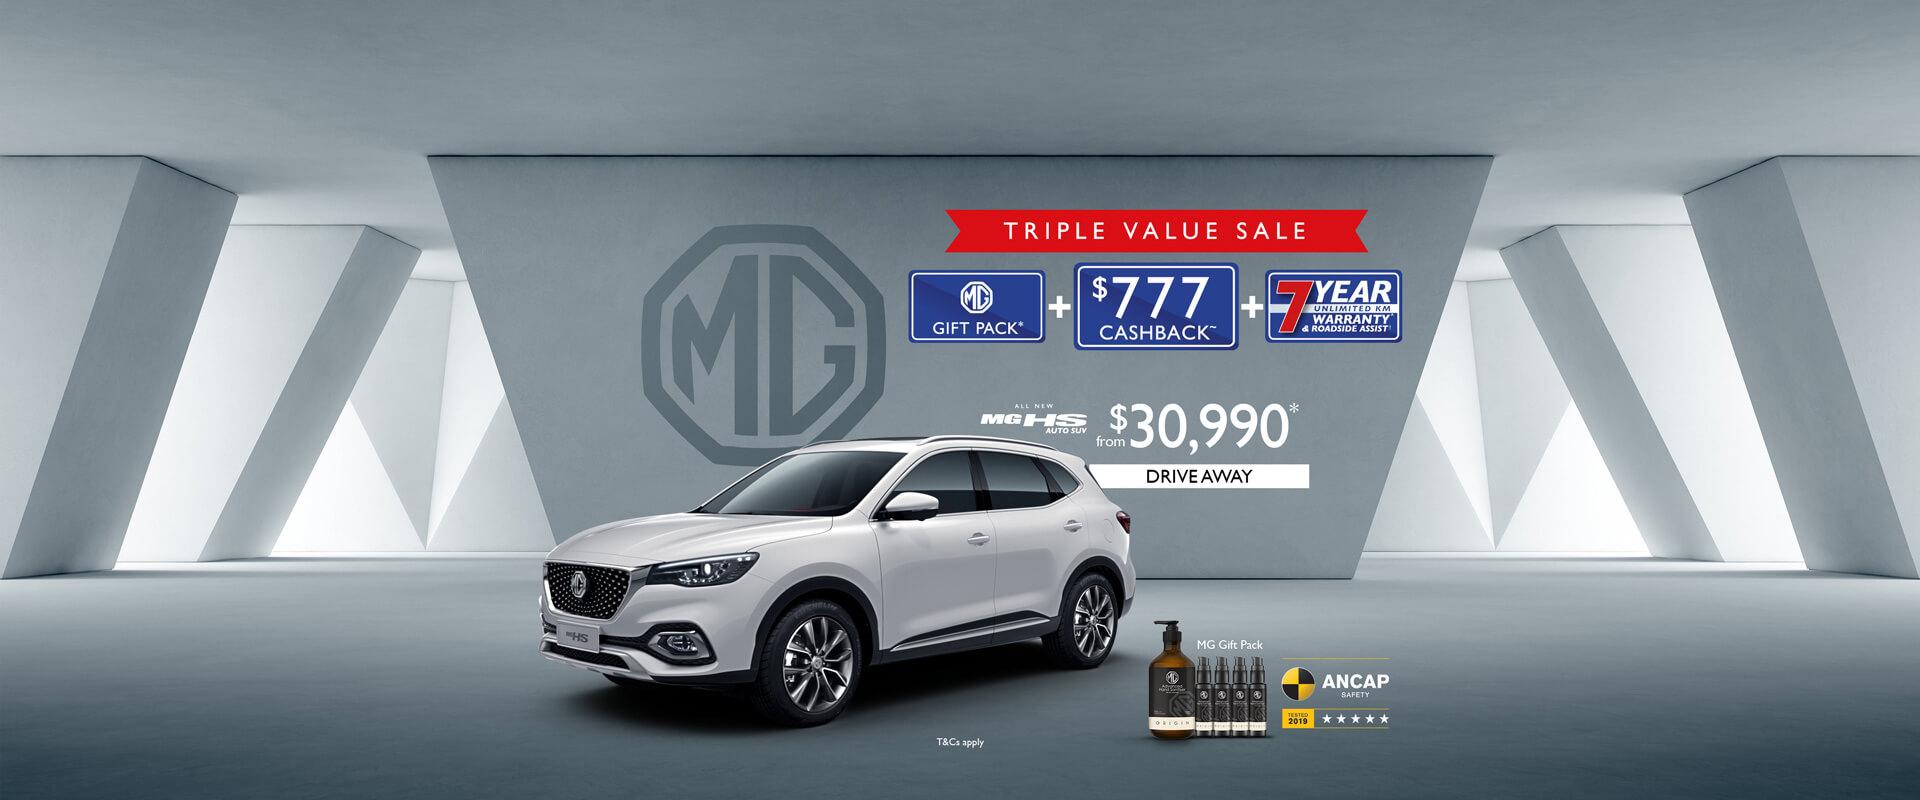 MG HS Triple Value Sale